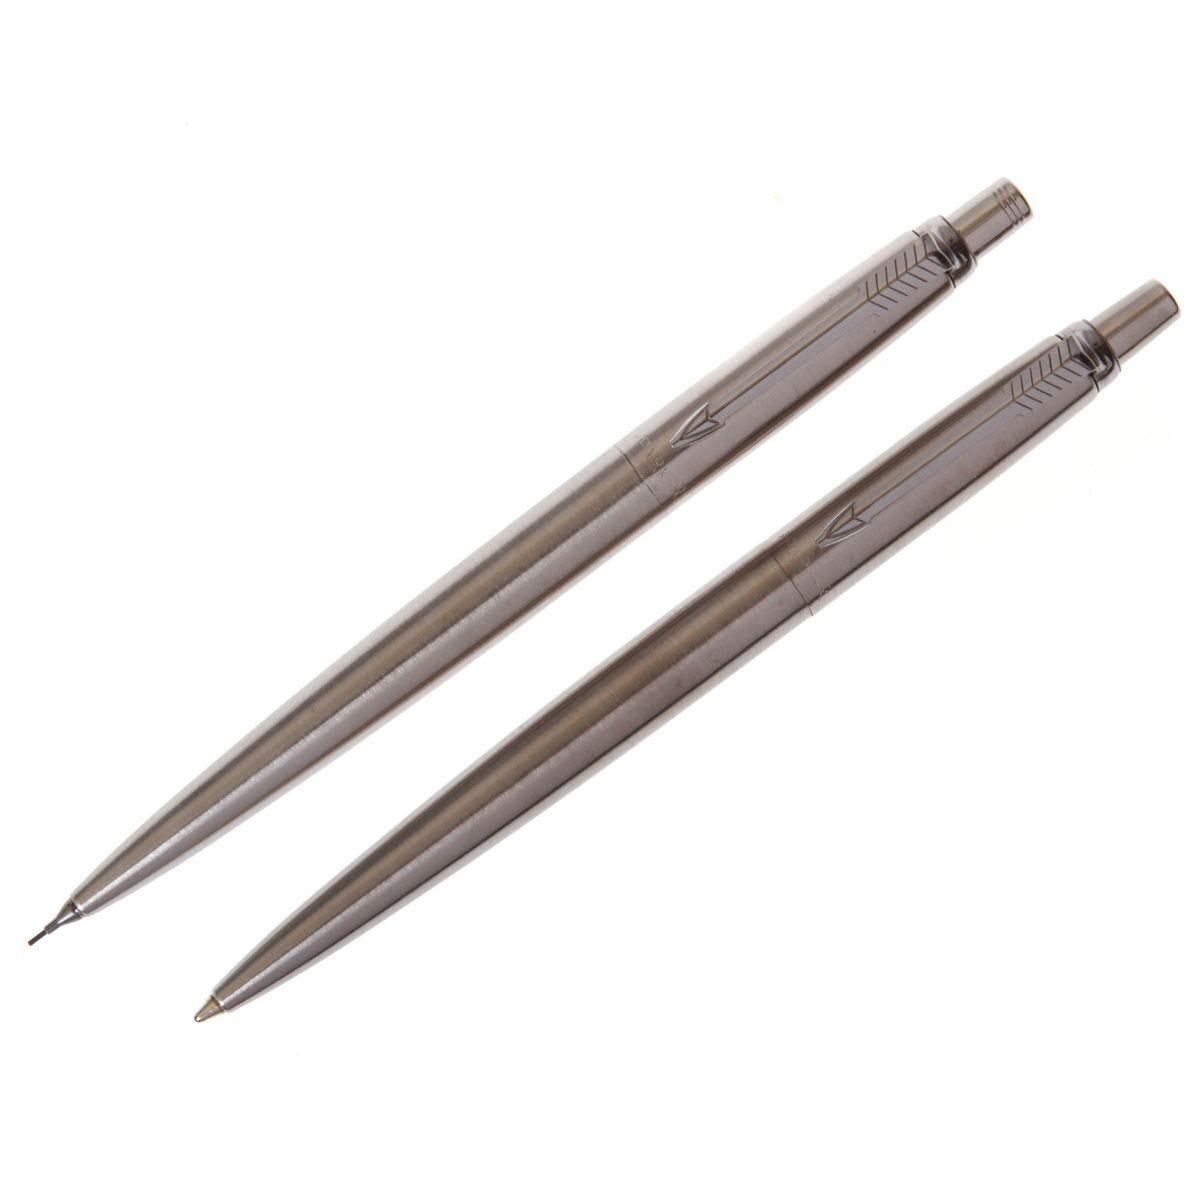 Parker Jotter Pen & Pencil Set Chrome Trim Stainless Steel